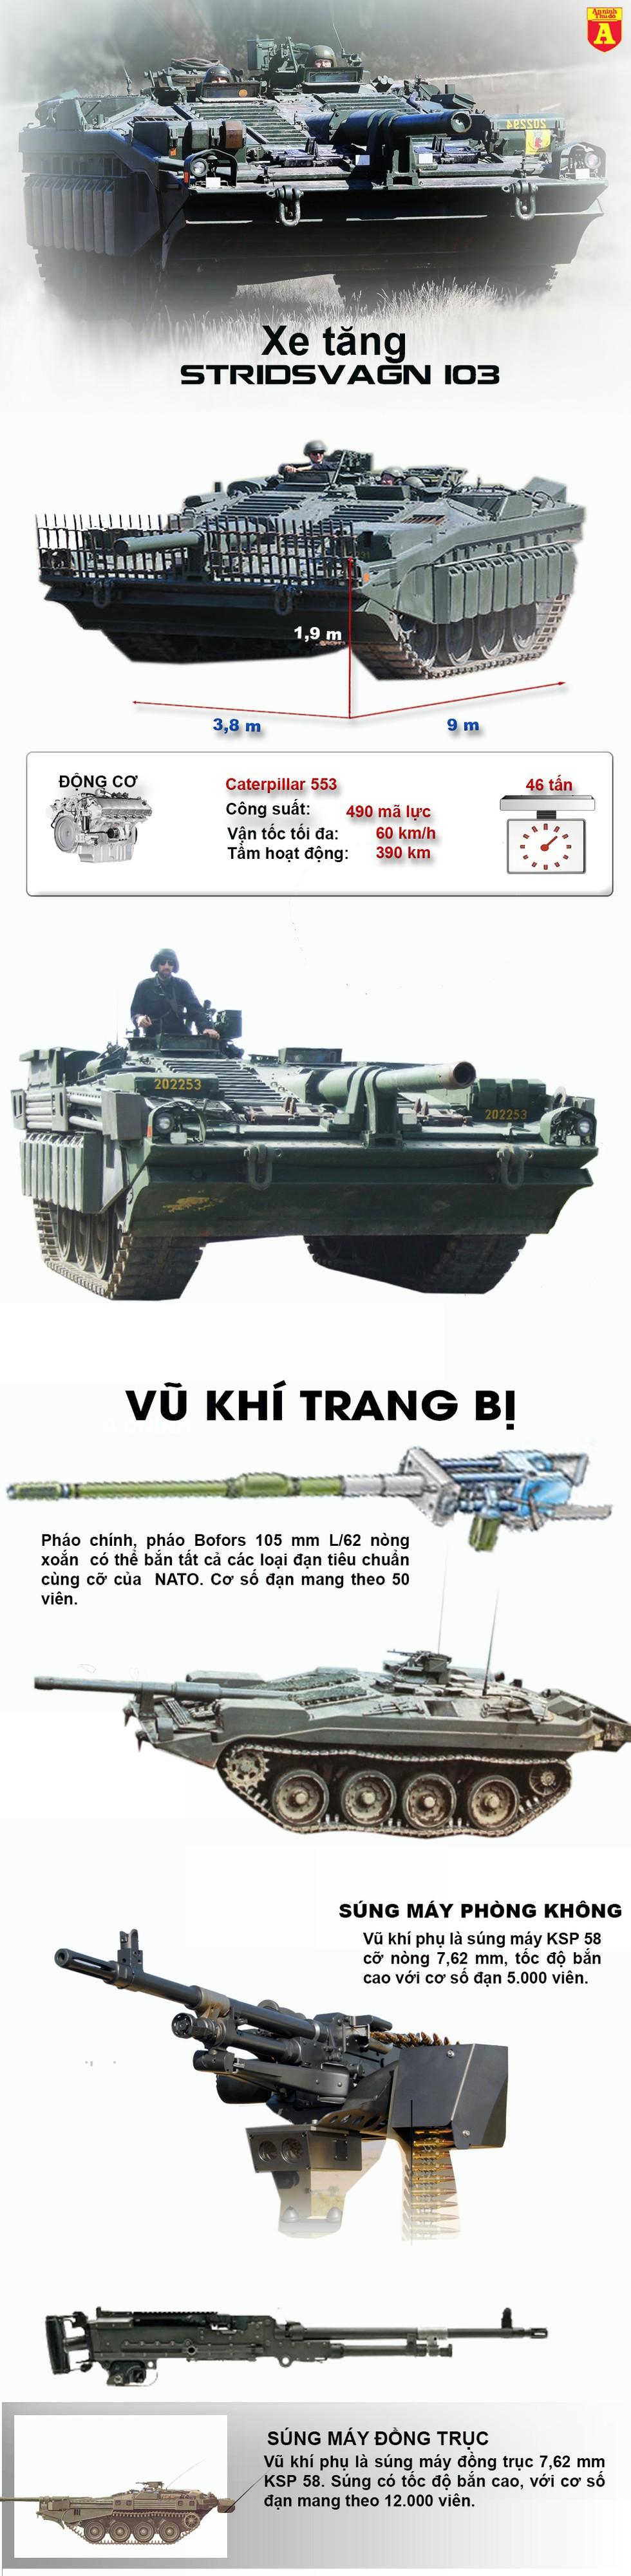 """[Infographics] Xem xe tăng """"lùn"""" nhất thế giới """"nhún nhảy"""" chỉnh góc bắn - Ảnh 1"""